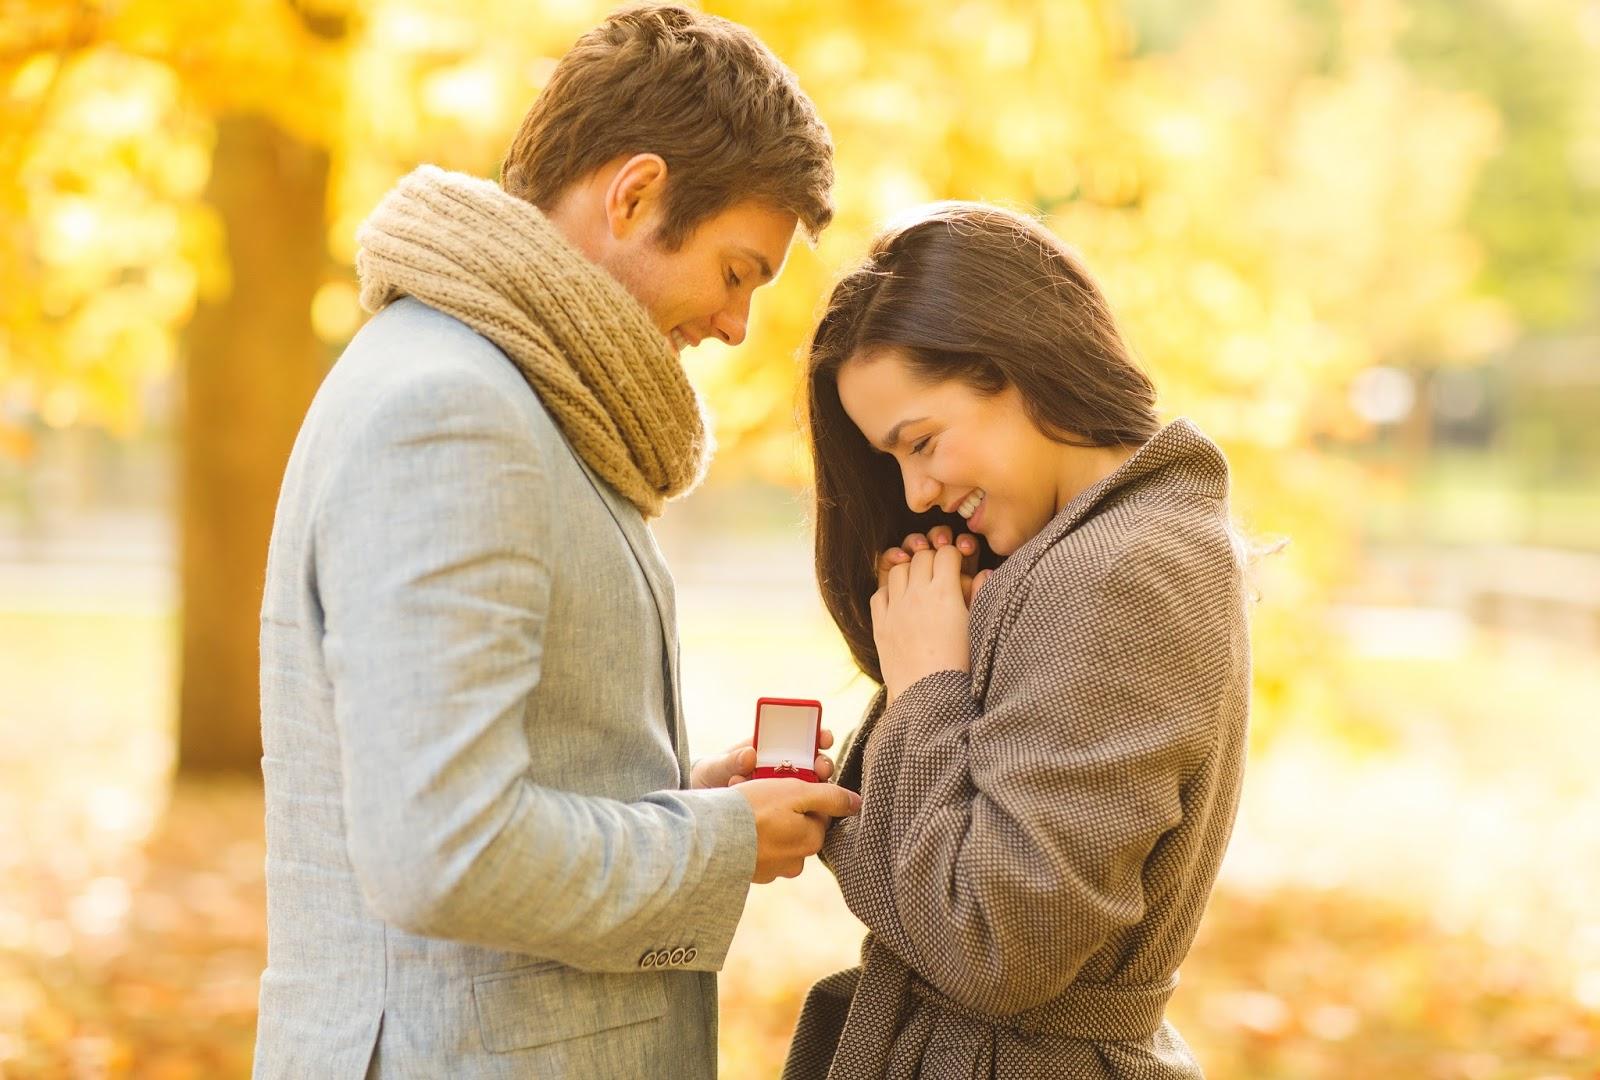 بالصور صور رومانسية ساخنة , اجمل صور رومانسيه 2152 10